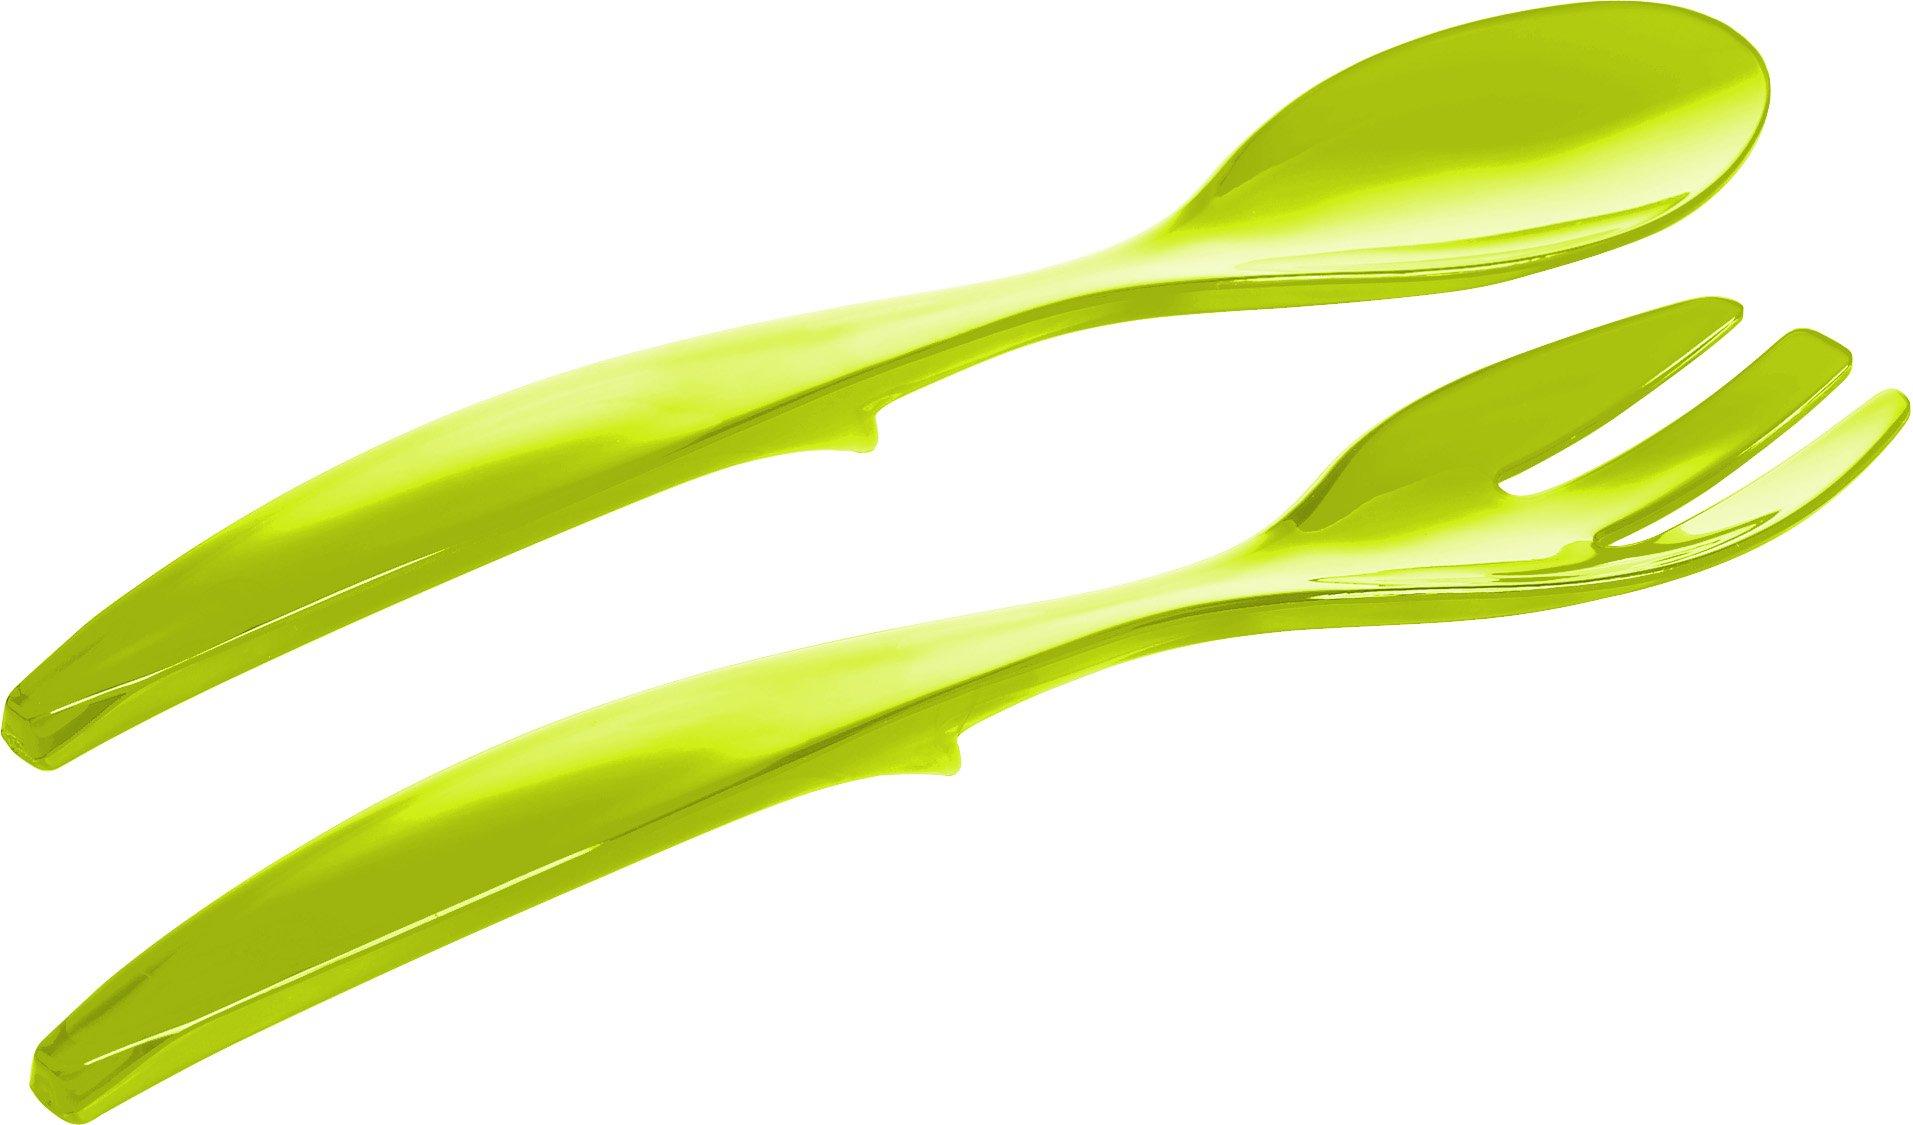 Emsa Vienna 507178 Posate per insalata, colore: Verde chiaro trasparente